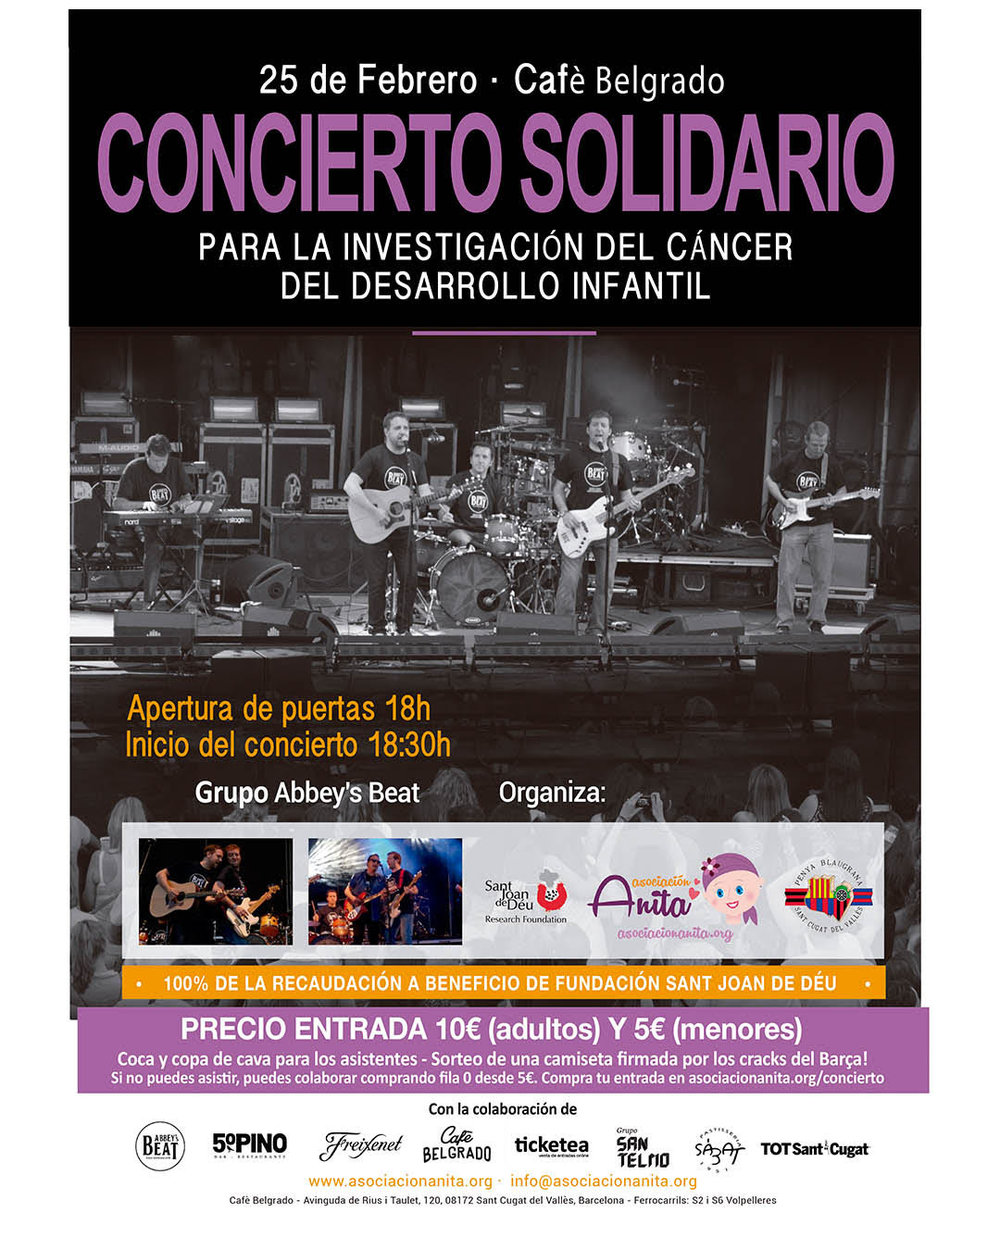 Concierto-Solidario-Asociacion-Anita-Cafe_Belgrado-25FEB2018-ES.jpg